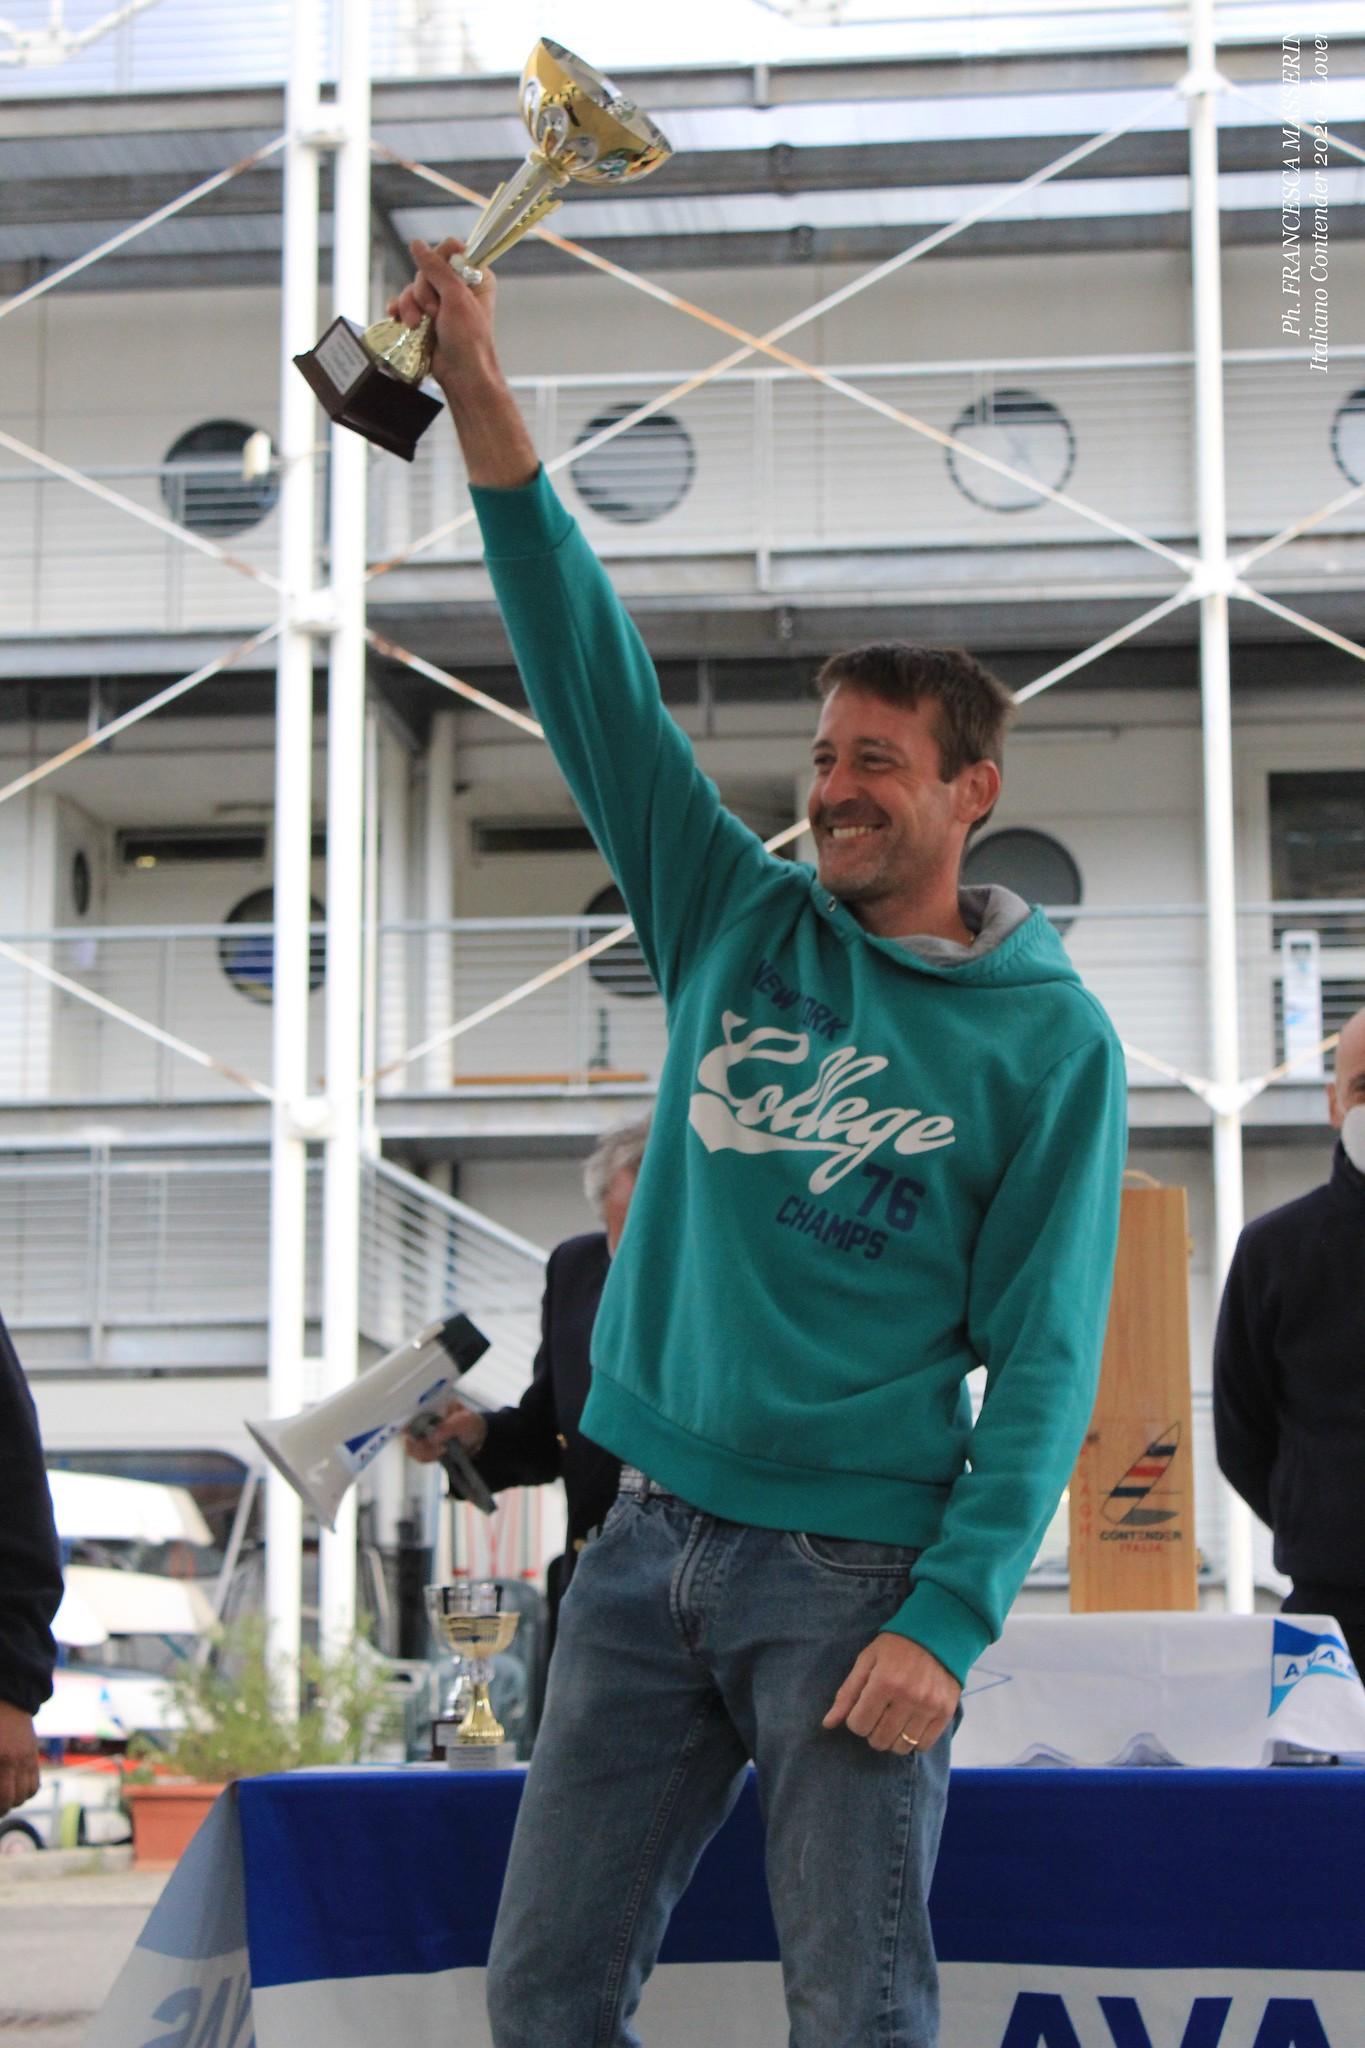 Marco Ferrari vincitore del Campionato Italiano Contender 2020